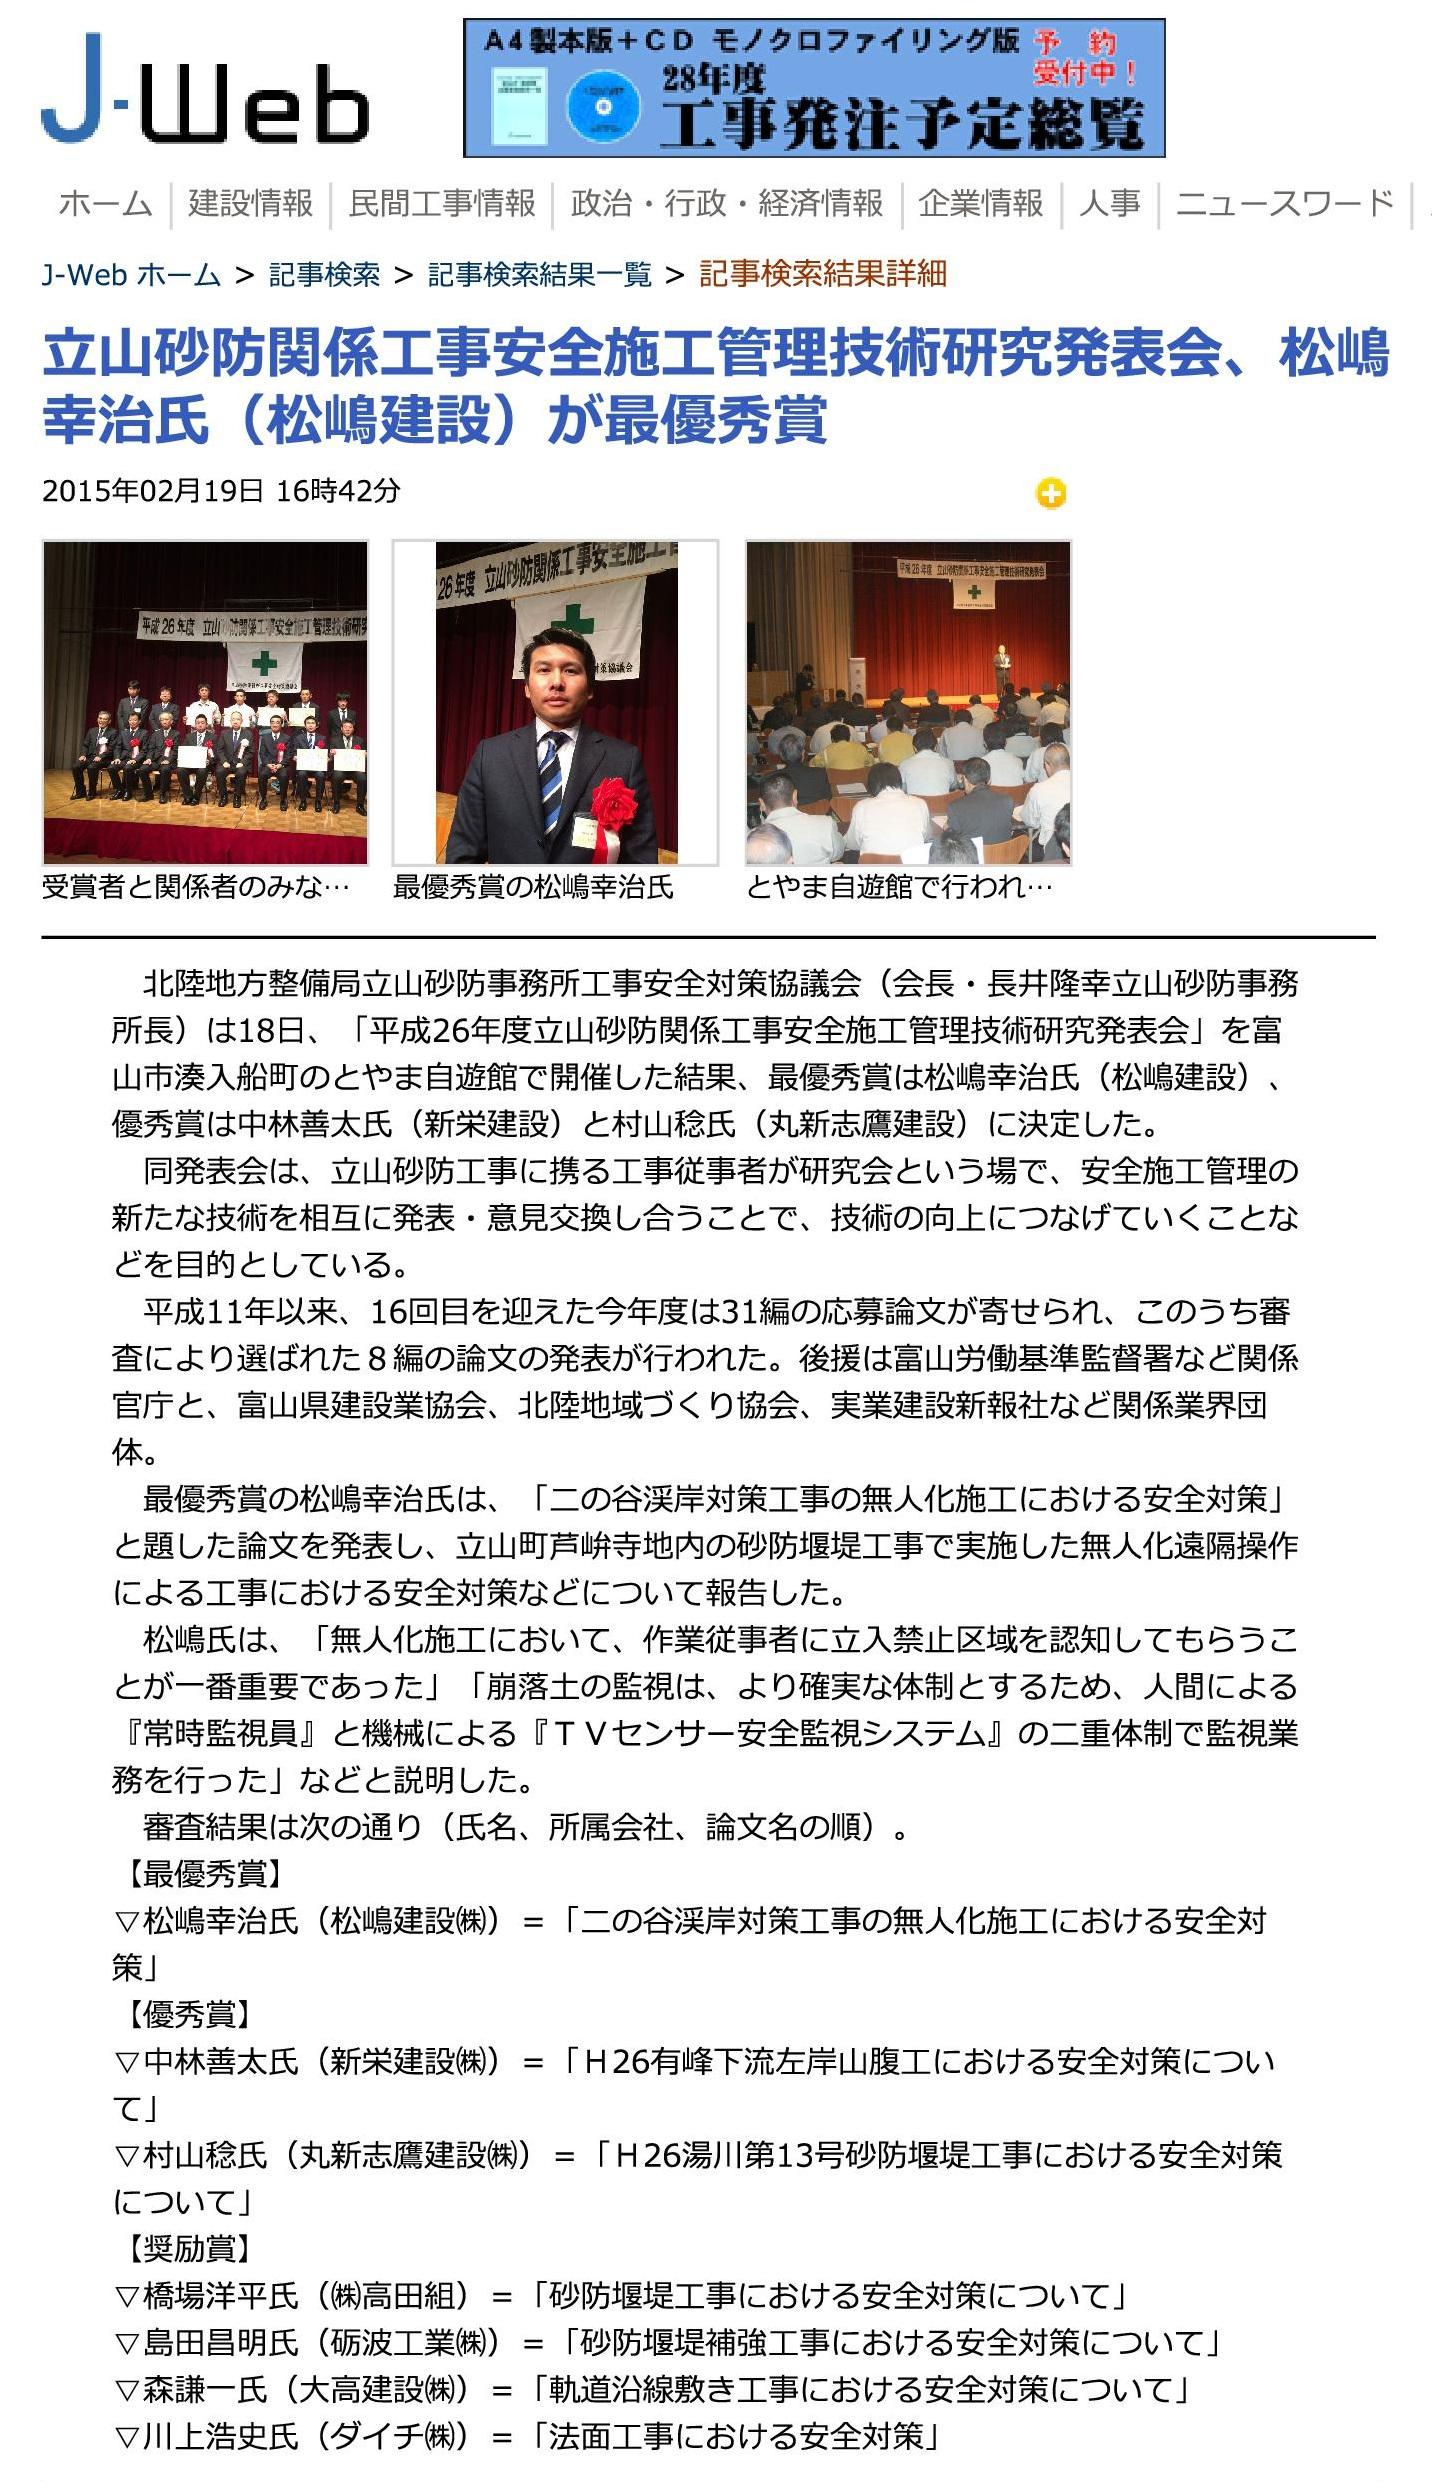 新聞記事 実業新報社 立山砂防安全論文.jpg